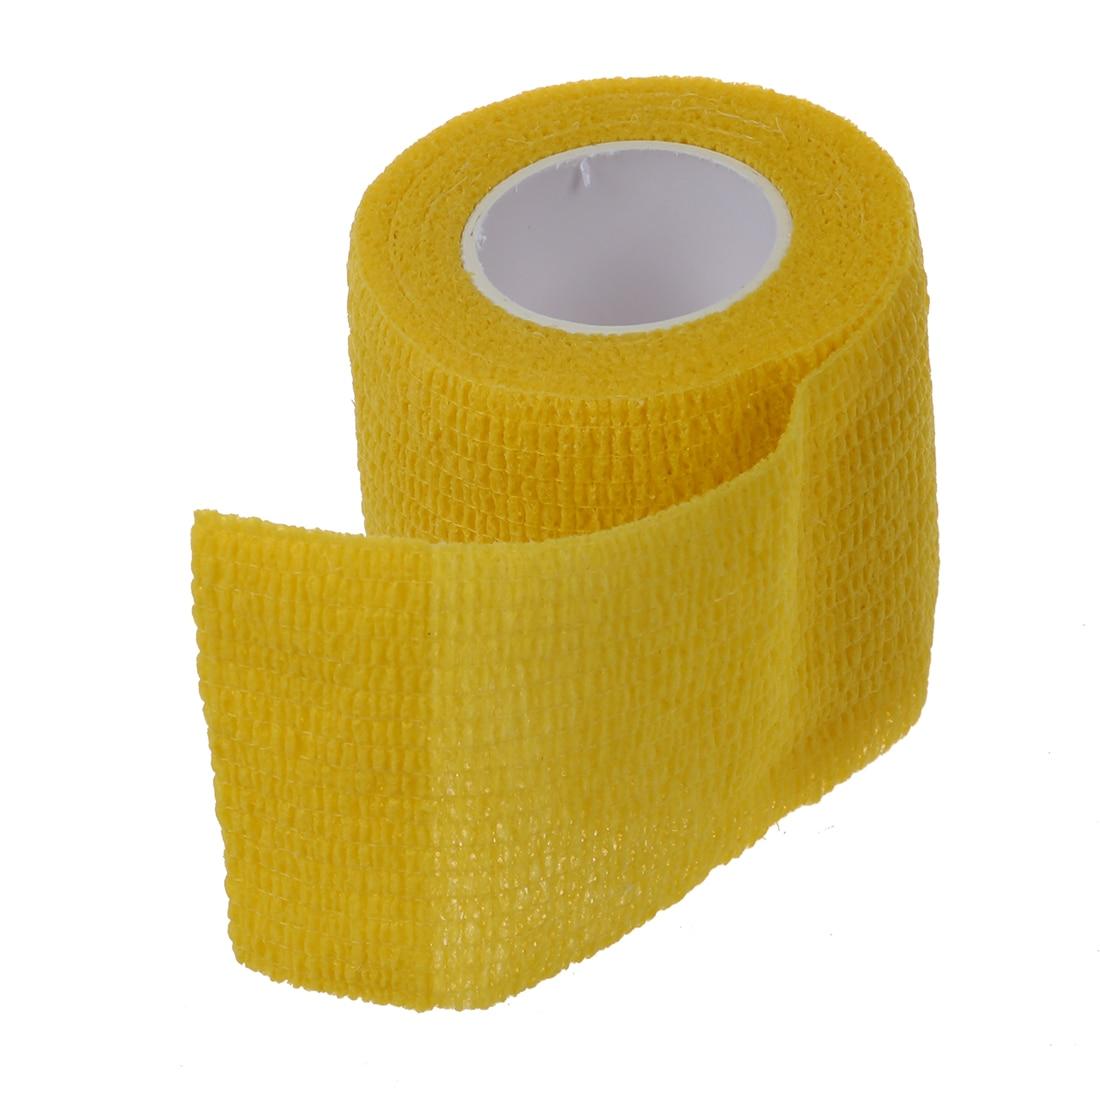 5 компл. распродажа 1 рулон кинезиологии спортивные здоровья мышцы уход Physio терапевтическая лента 4,5 м * 5 см, желтый